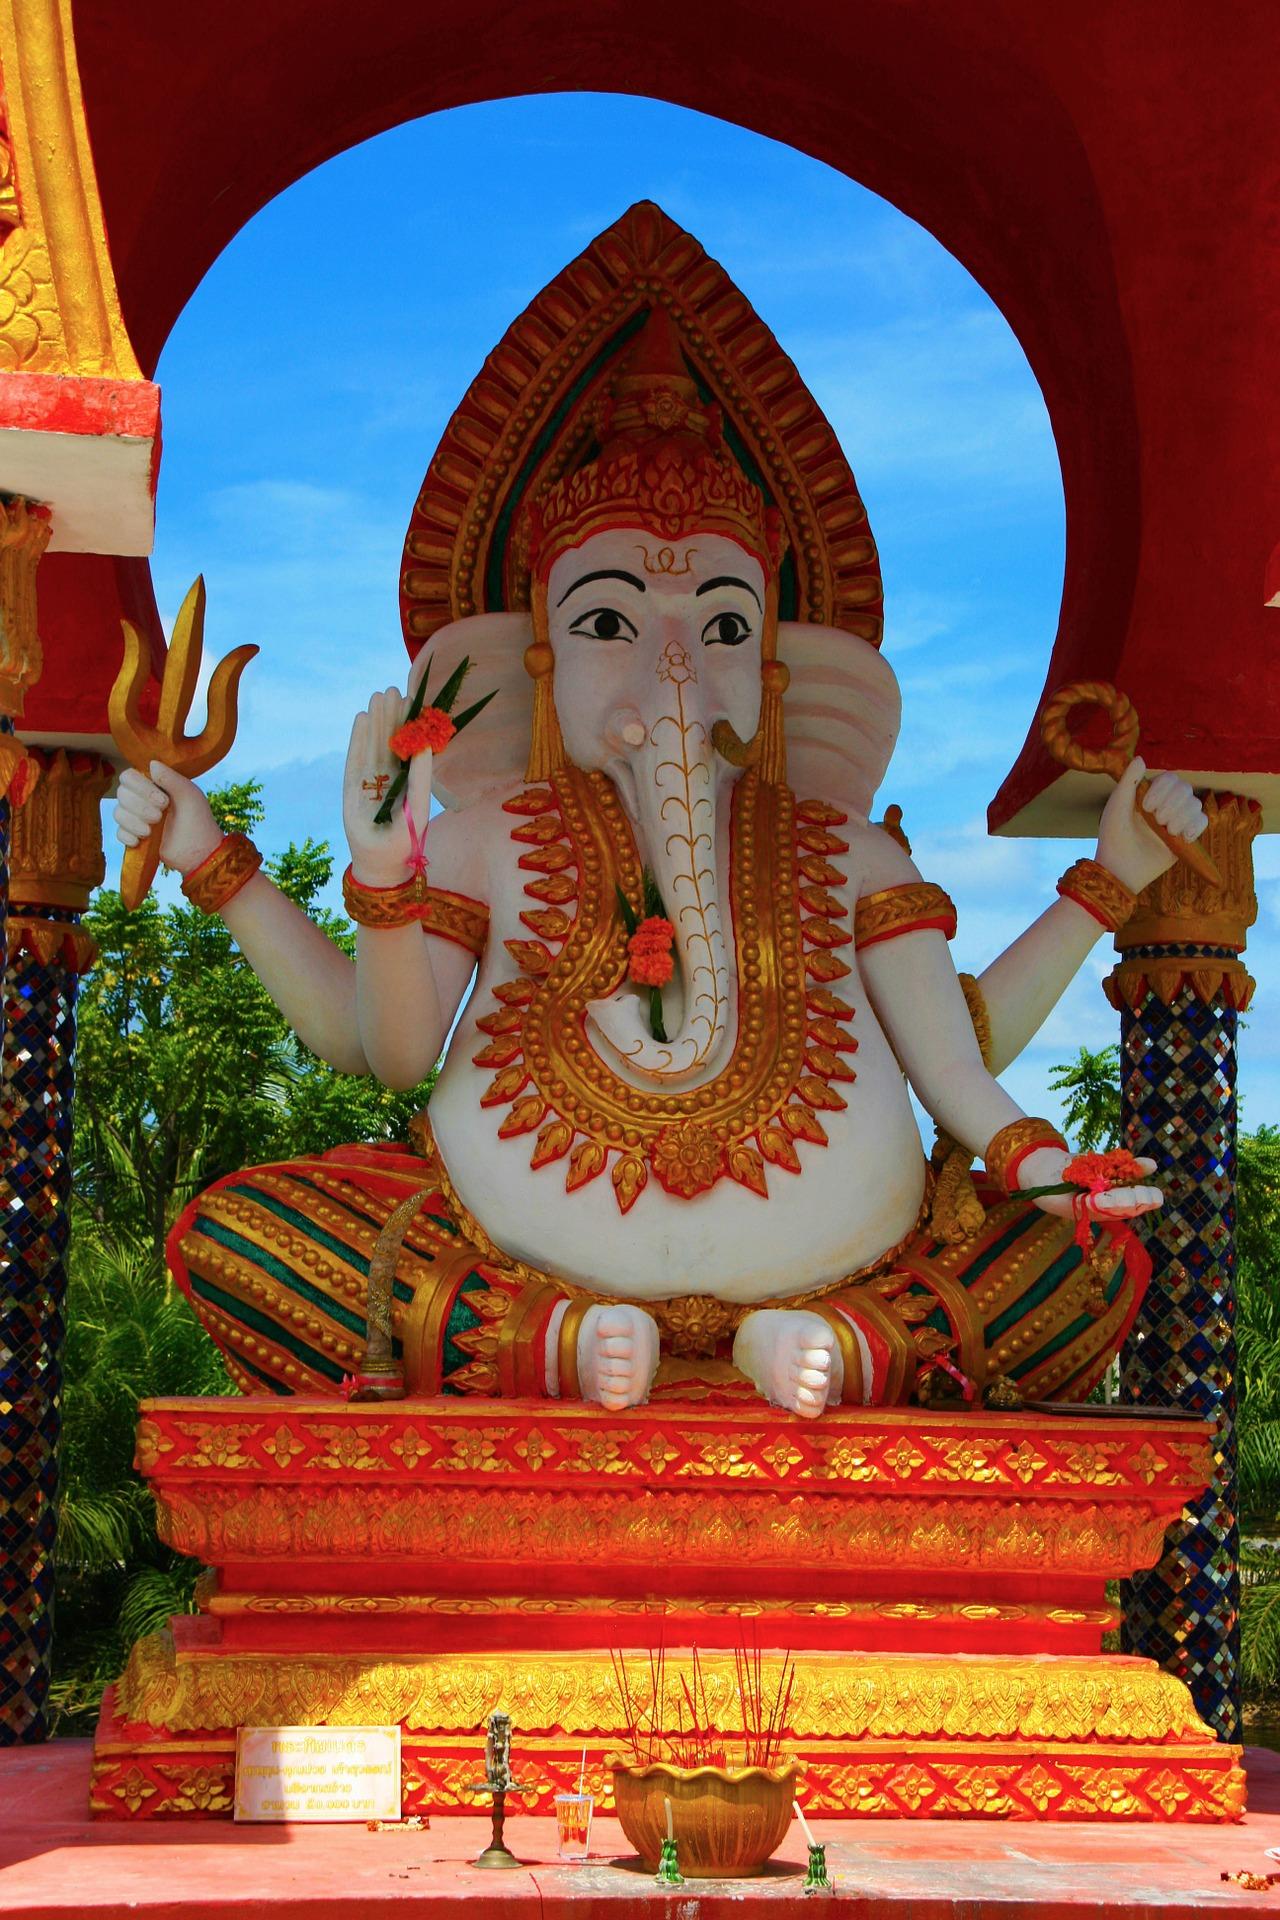 elephant-god-993860_1920